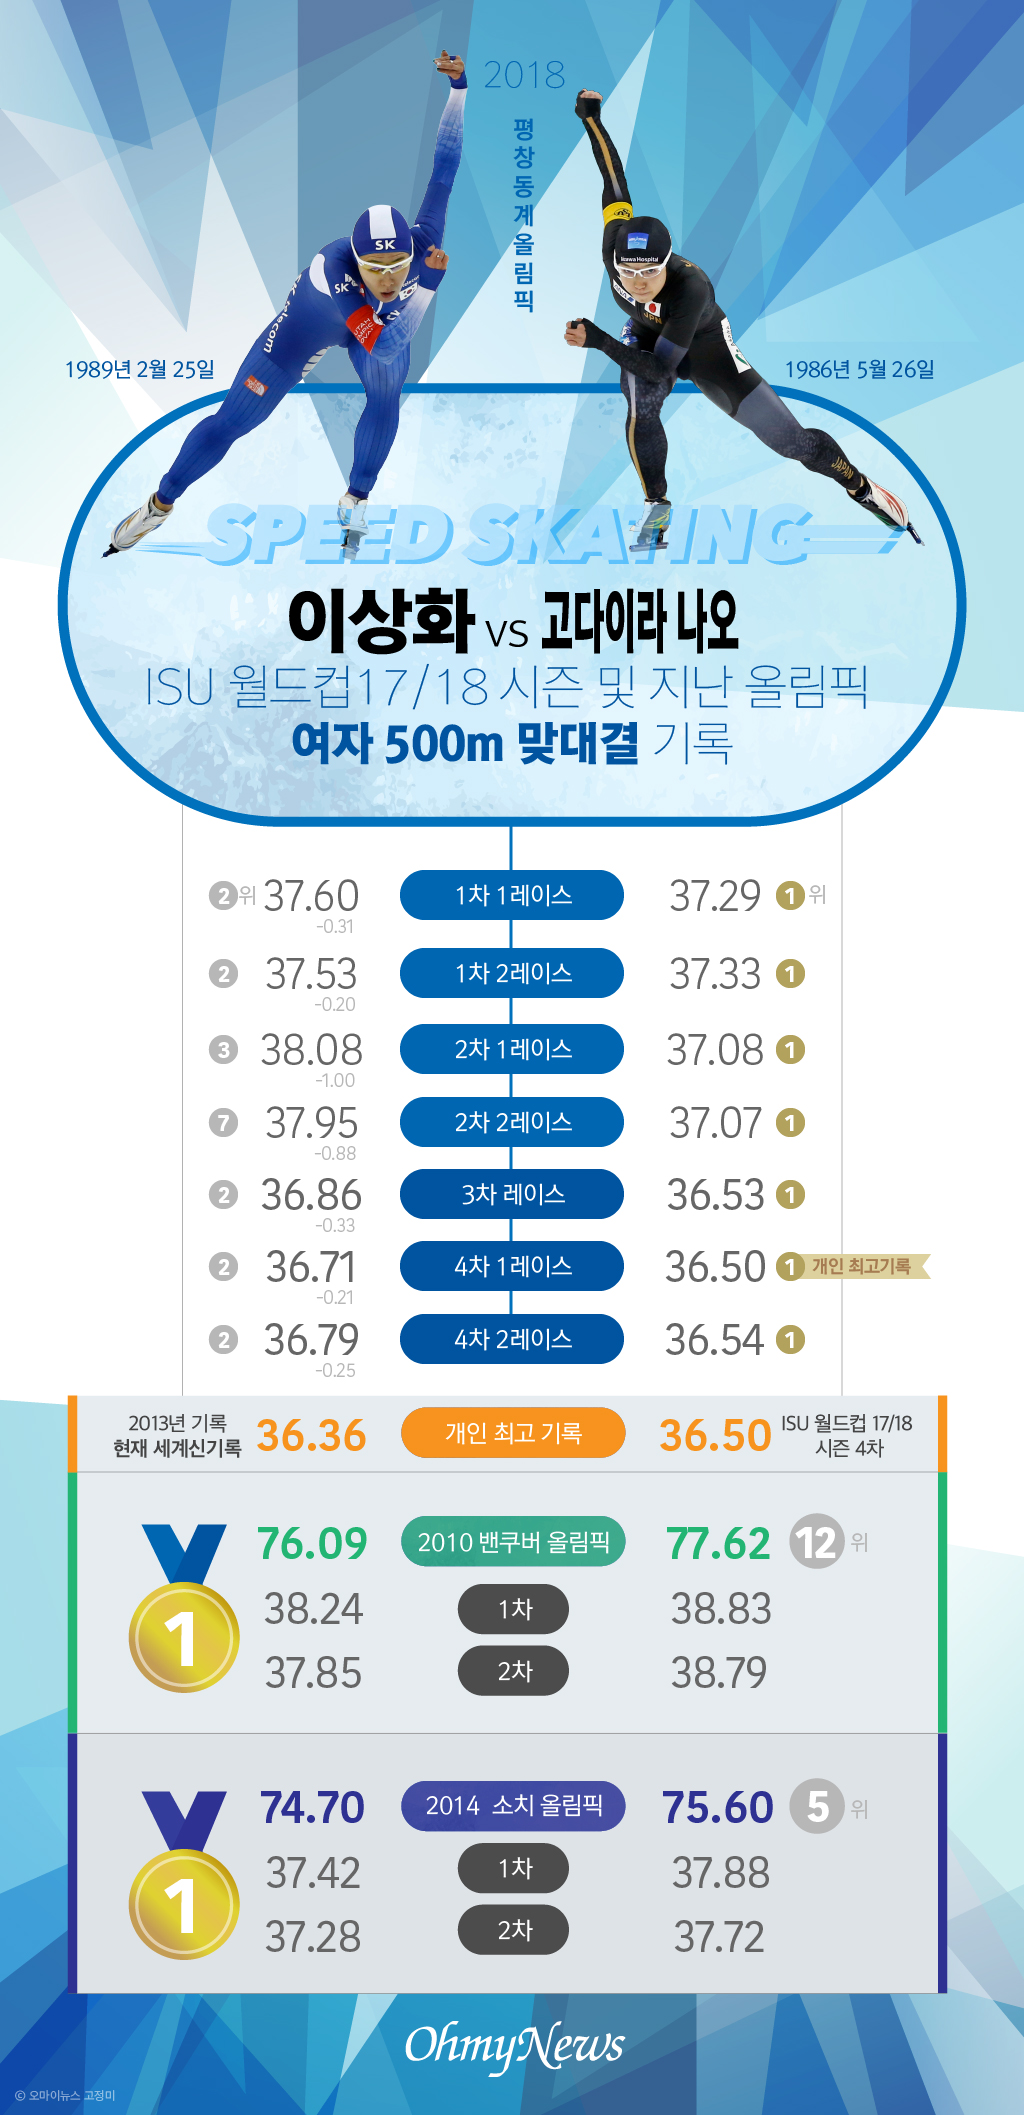 [스피드스케이팅]이상화 vs 고다이라 나오 ISU 월드컵 17/18 시즌 및 지난 올림픽 여자 500m 맞대결  기록